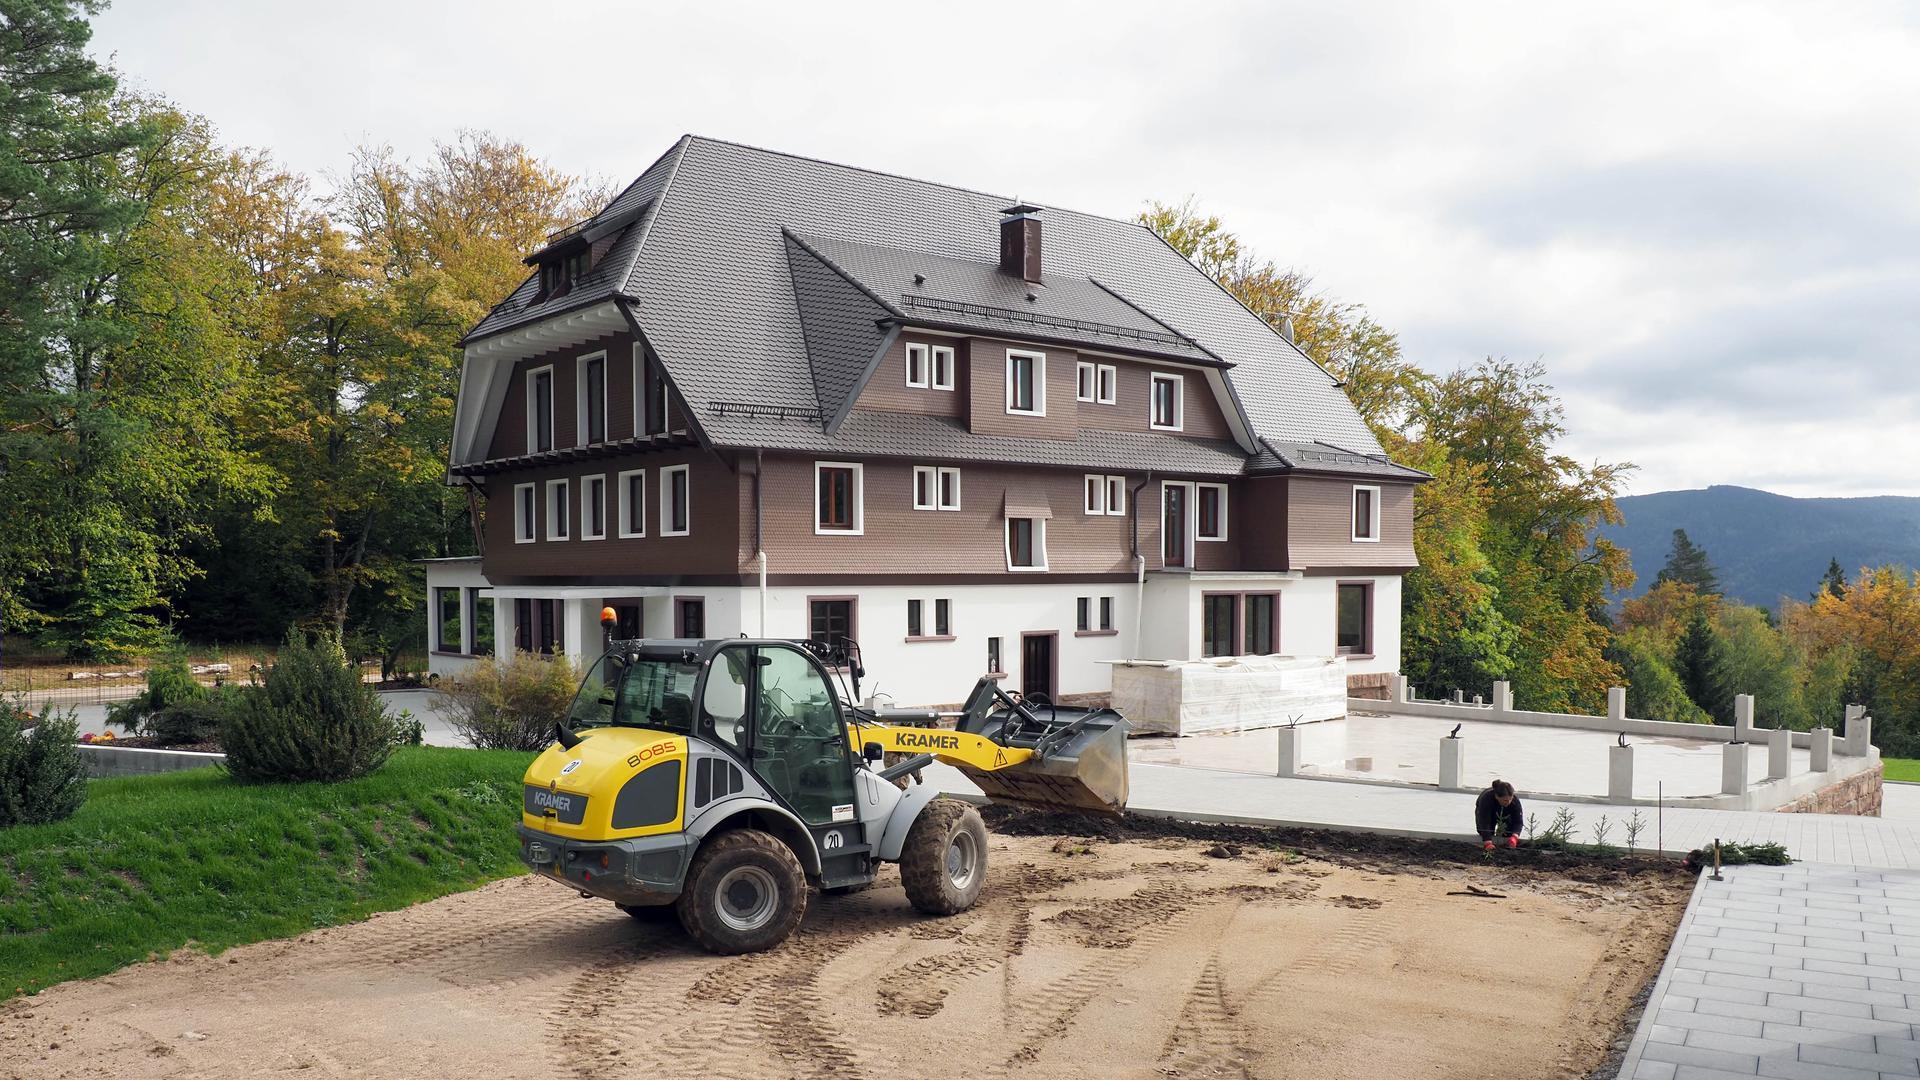 """Die Vorbereitungen laufen: Bauarbeiter planieren auf dem Gelände des Hotels """"Rote Lache"""" in Forbach die Fläche für einen Kinderspielplatz. Am Rand tragen sie Muttererde auf und pflanzen Fichtensetzlinge ein."""